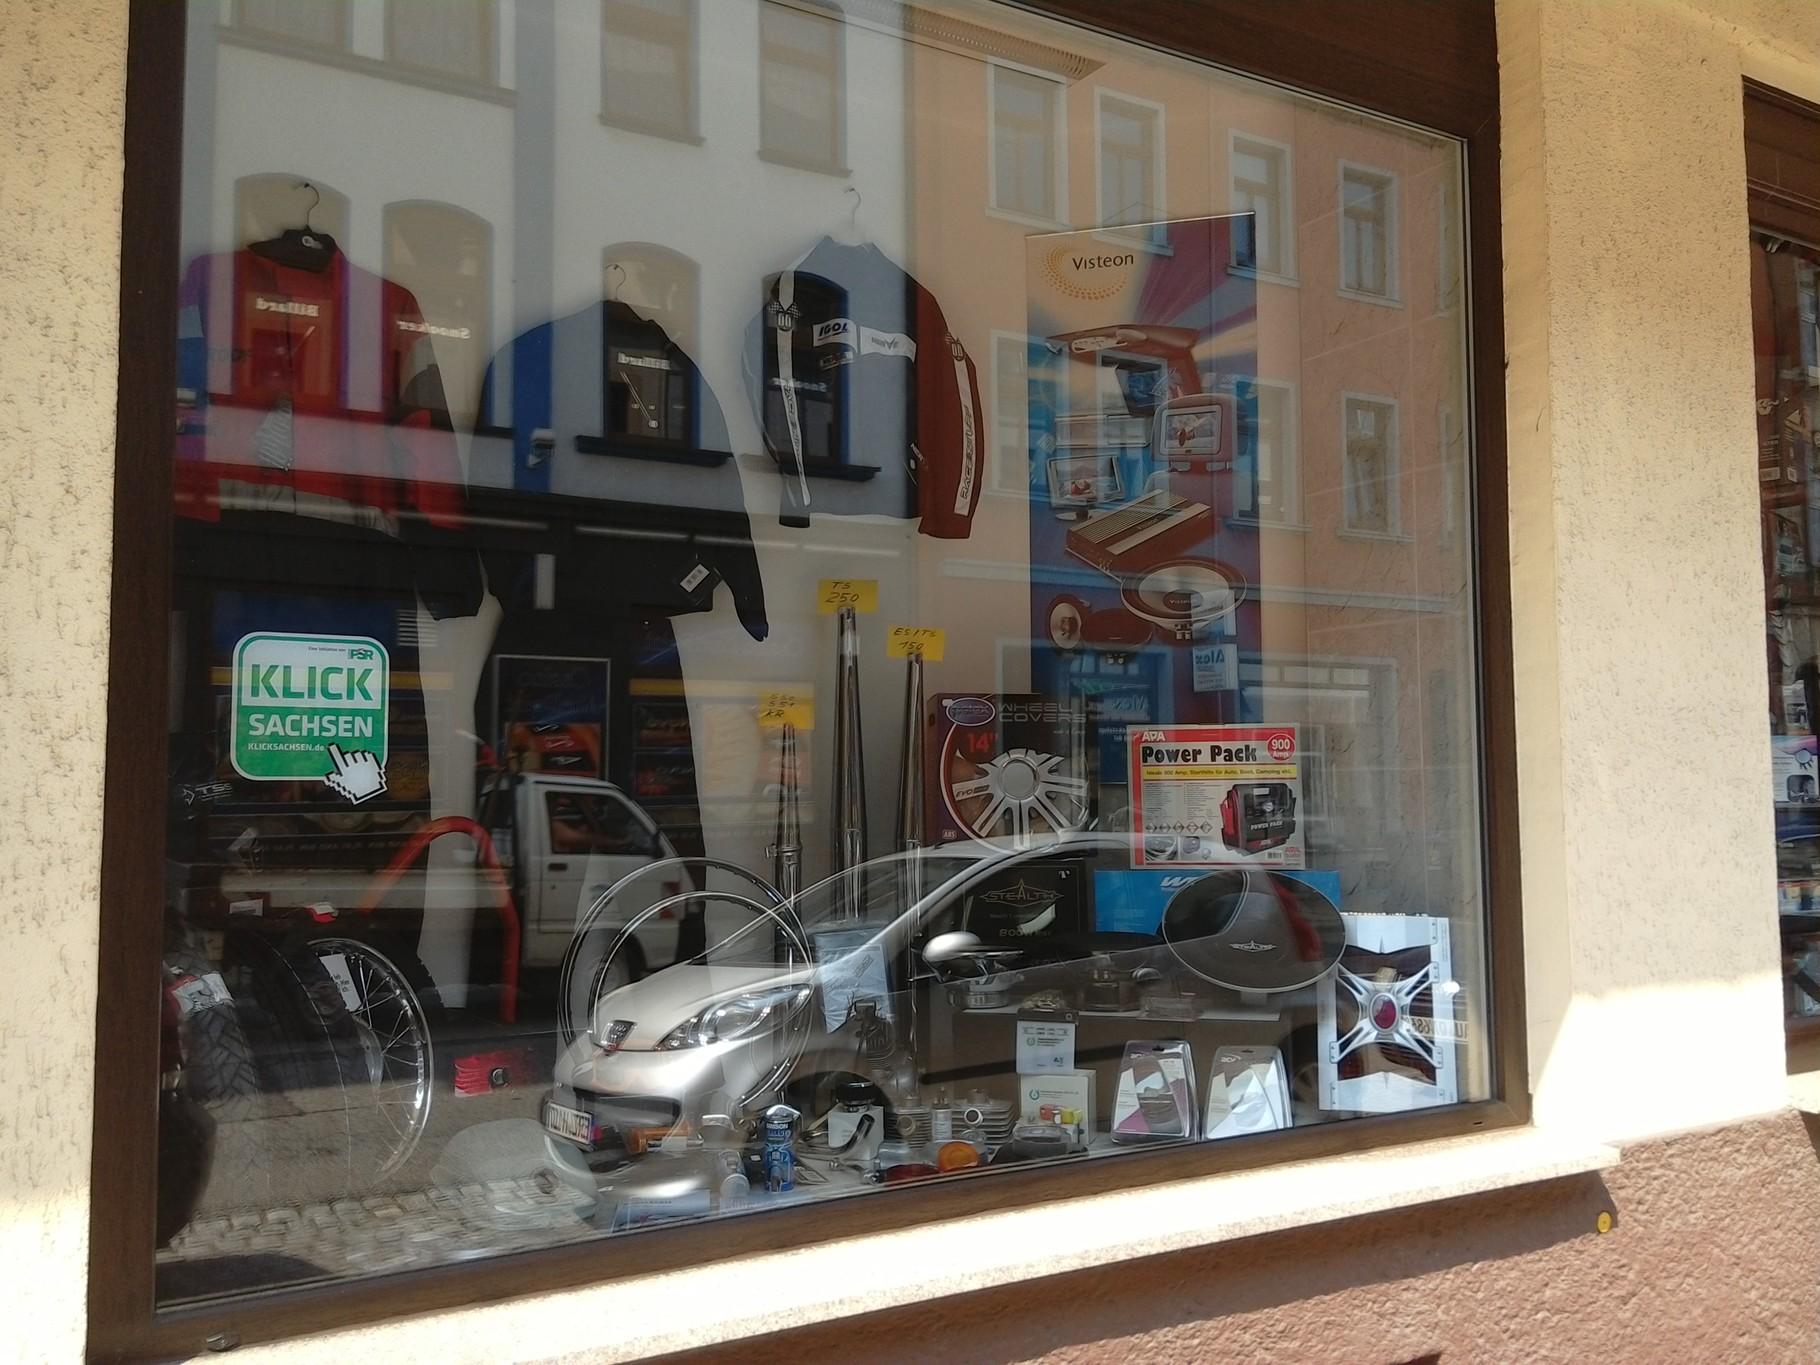 Klick Sachsen - Autoteile Sothen Ersatzteile und Zubehör Kfz Motorrad